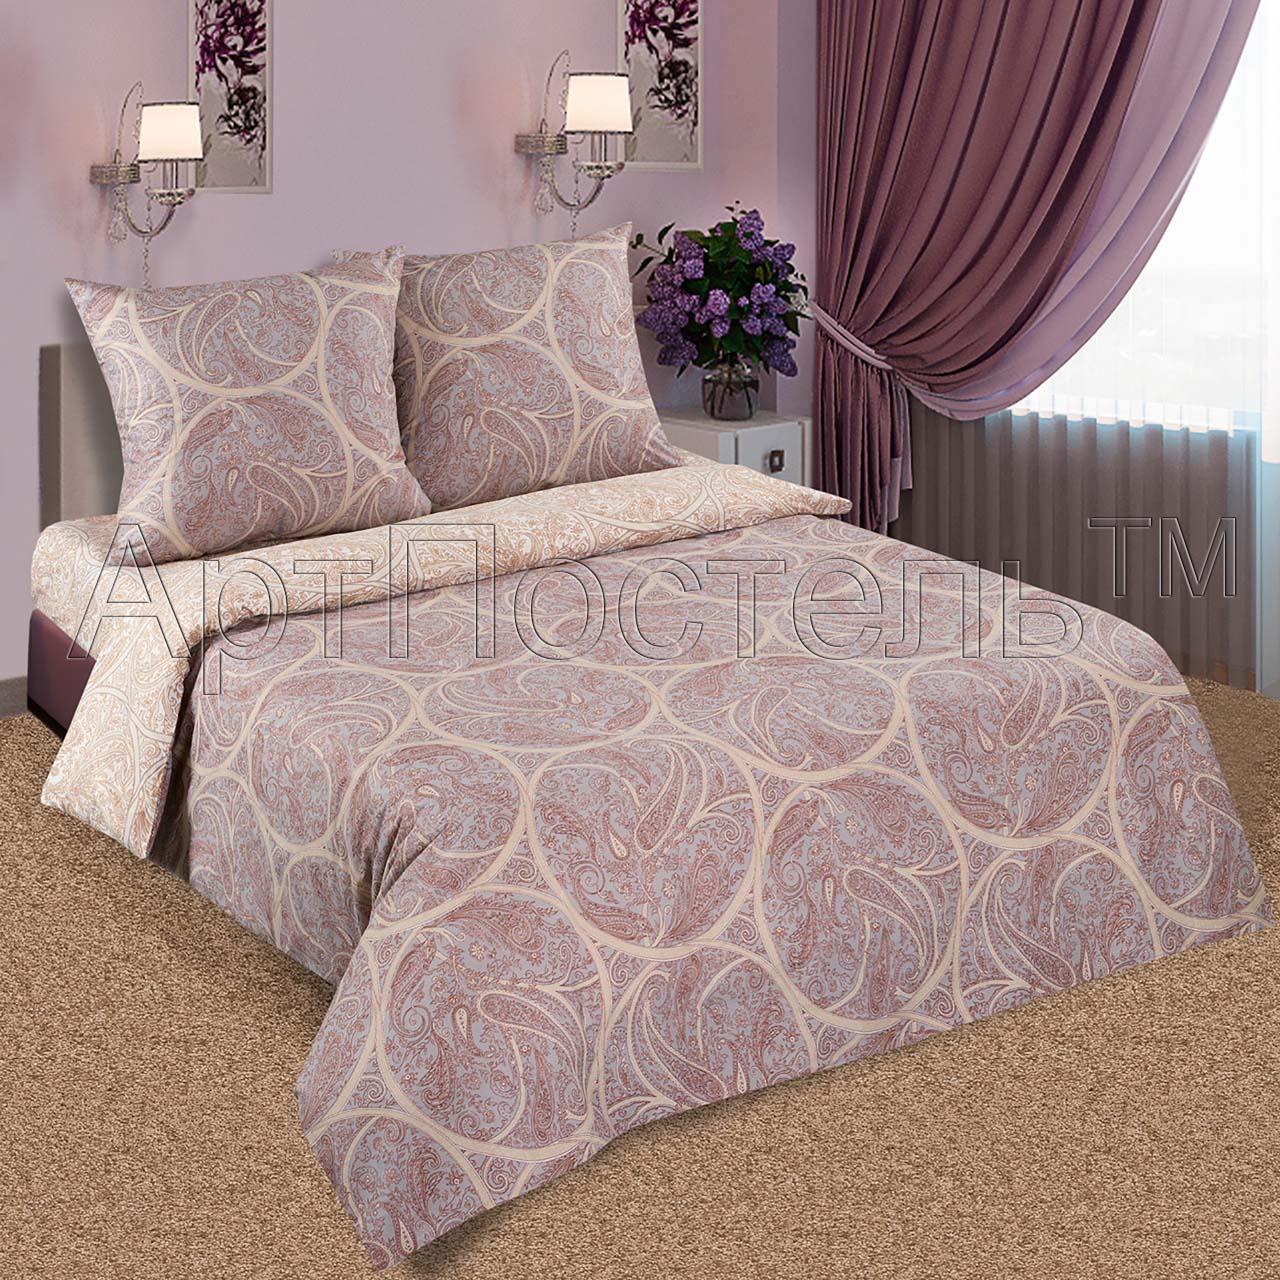 Комплект Рафаэль, размер 2,0-спальный с европростынейПоплин<br>Плотность ткани: 115 г/кв. м <br>Пододеяльник: 217х175 см - 1 шт. <br>Простыня: 220х240 см - 1 шт. <br>Наволочка: 70х70 см - 2 шт.<br><br>Тип: КПБ<br>Размер: 2,0-сп. евро<br>Материал: Поплин